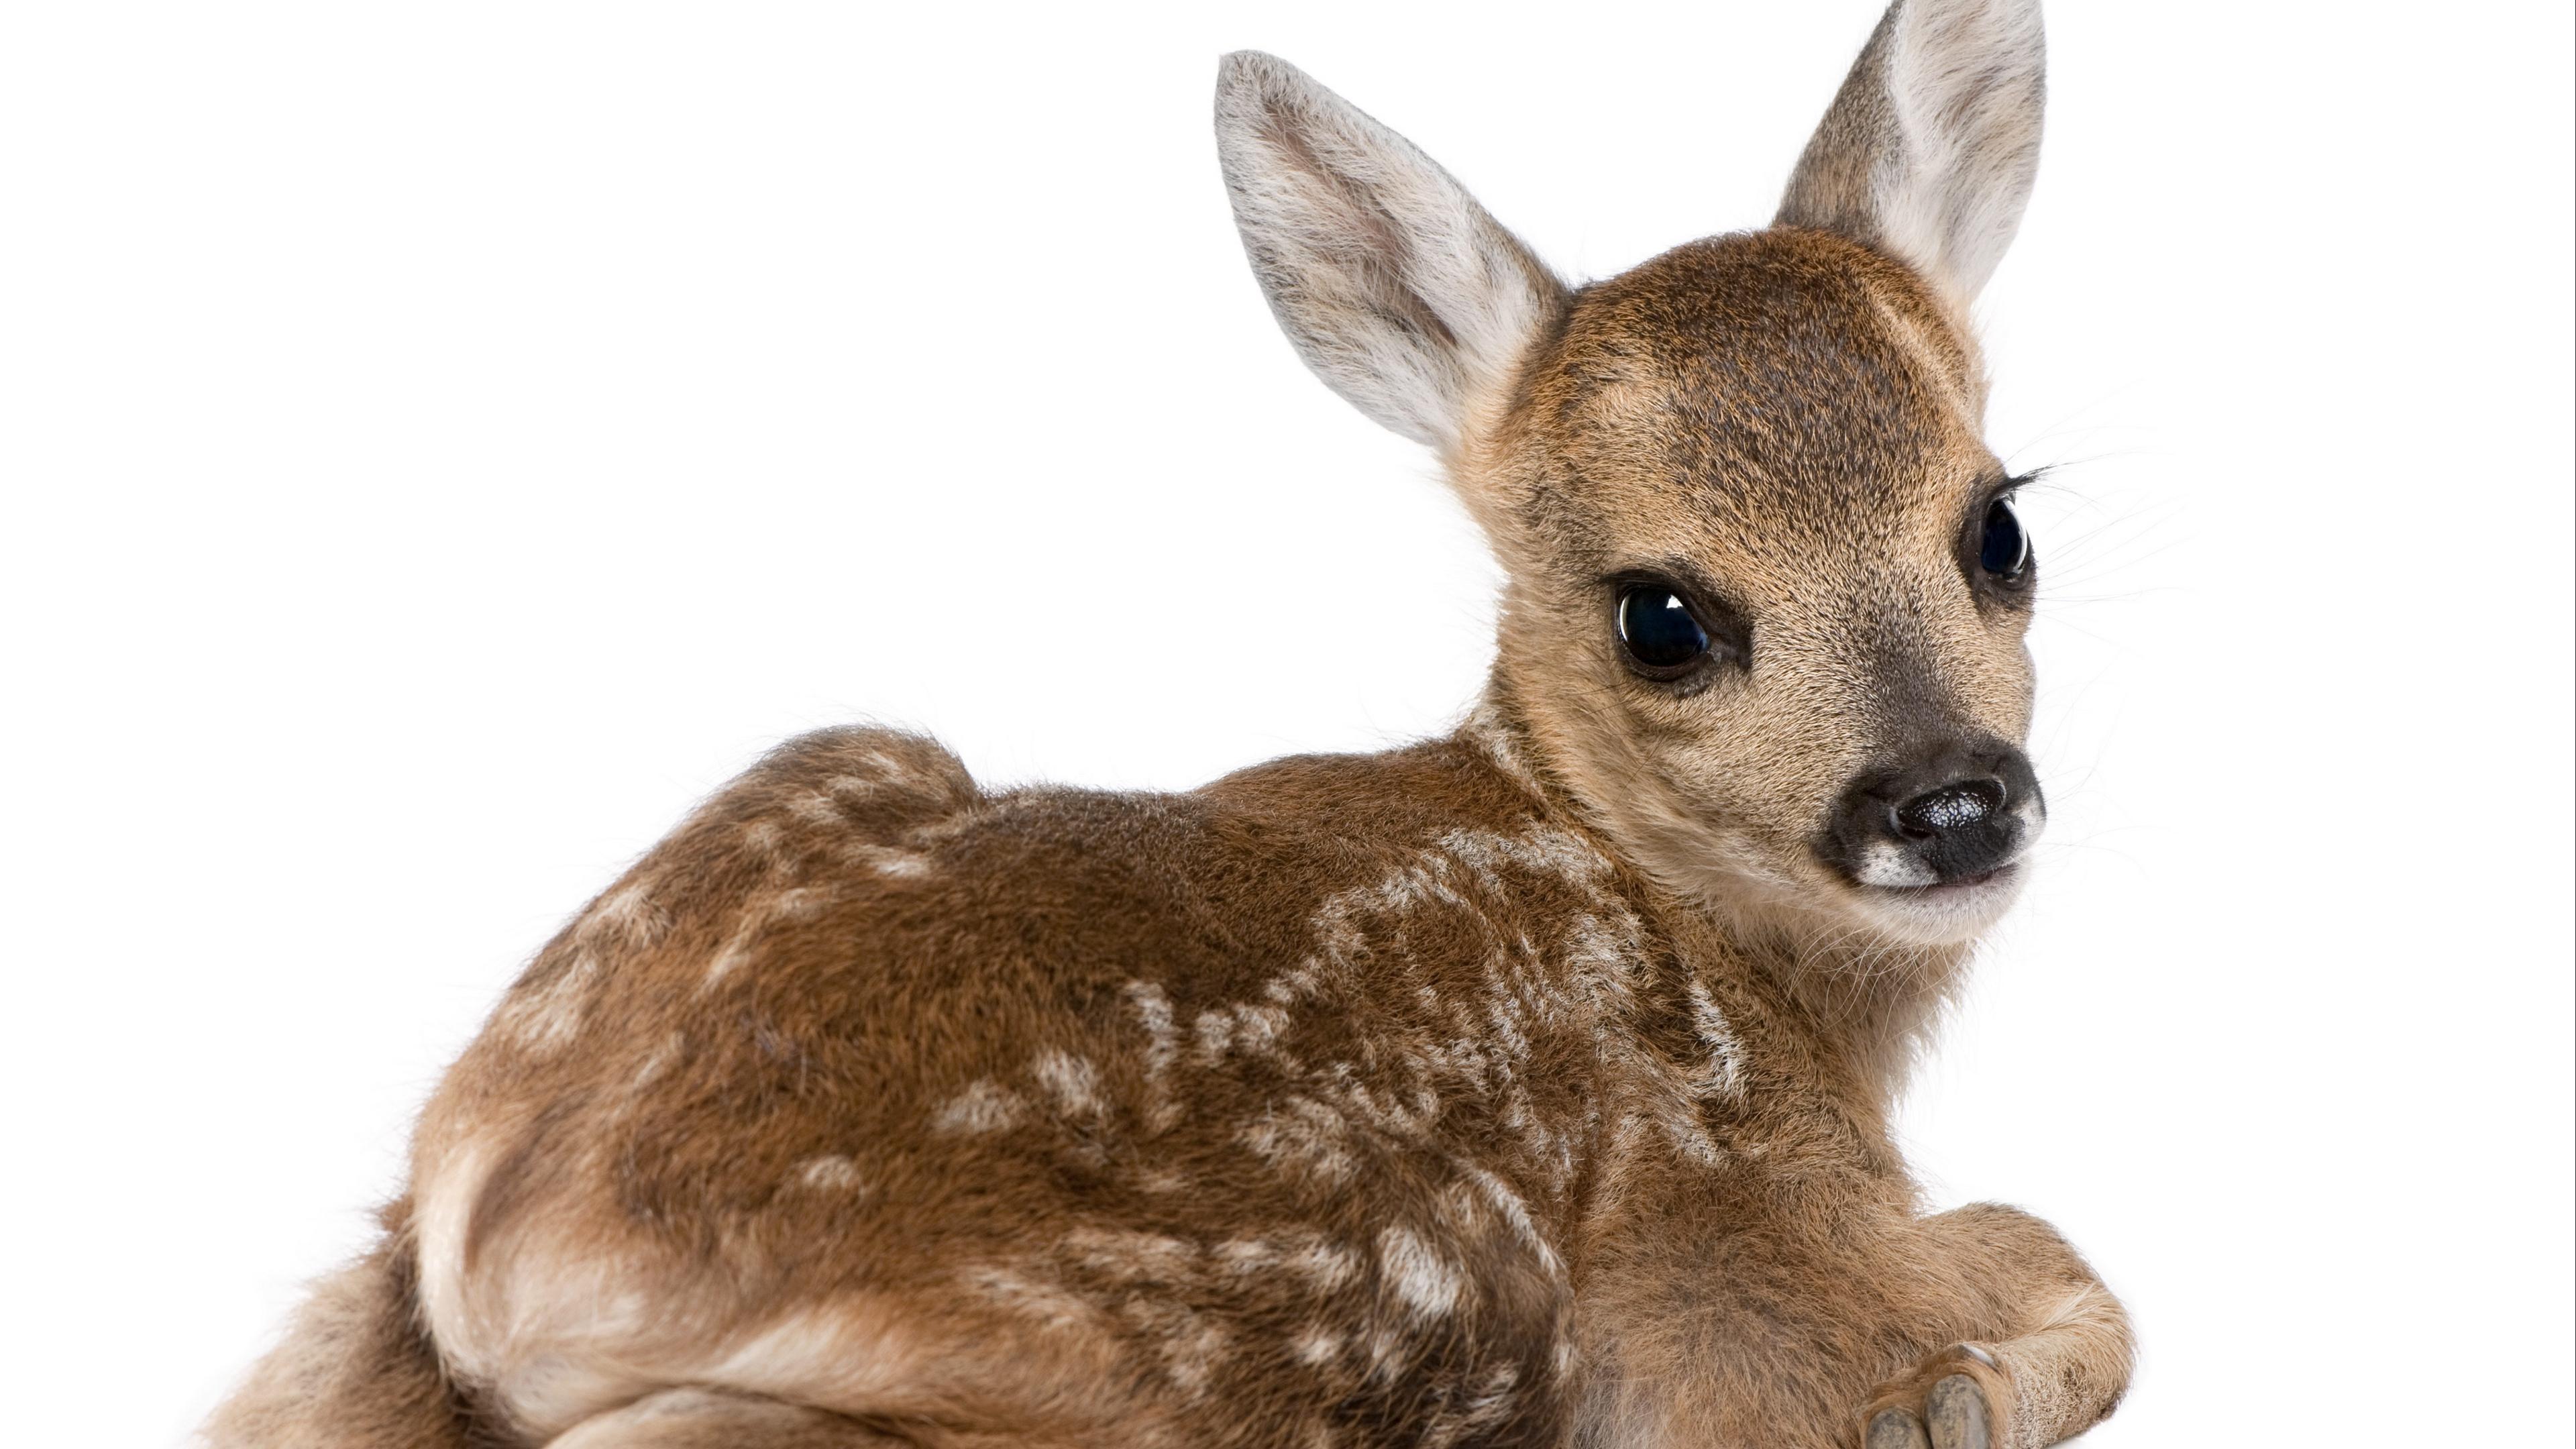 calf deer white background 4k 1542242207 - calf, deer, white background 4k - white background, Deer, calf